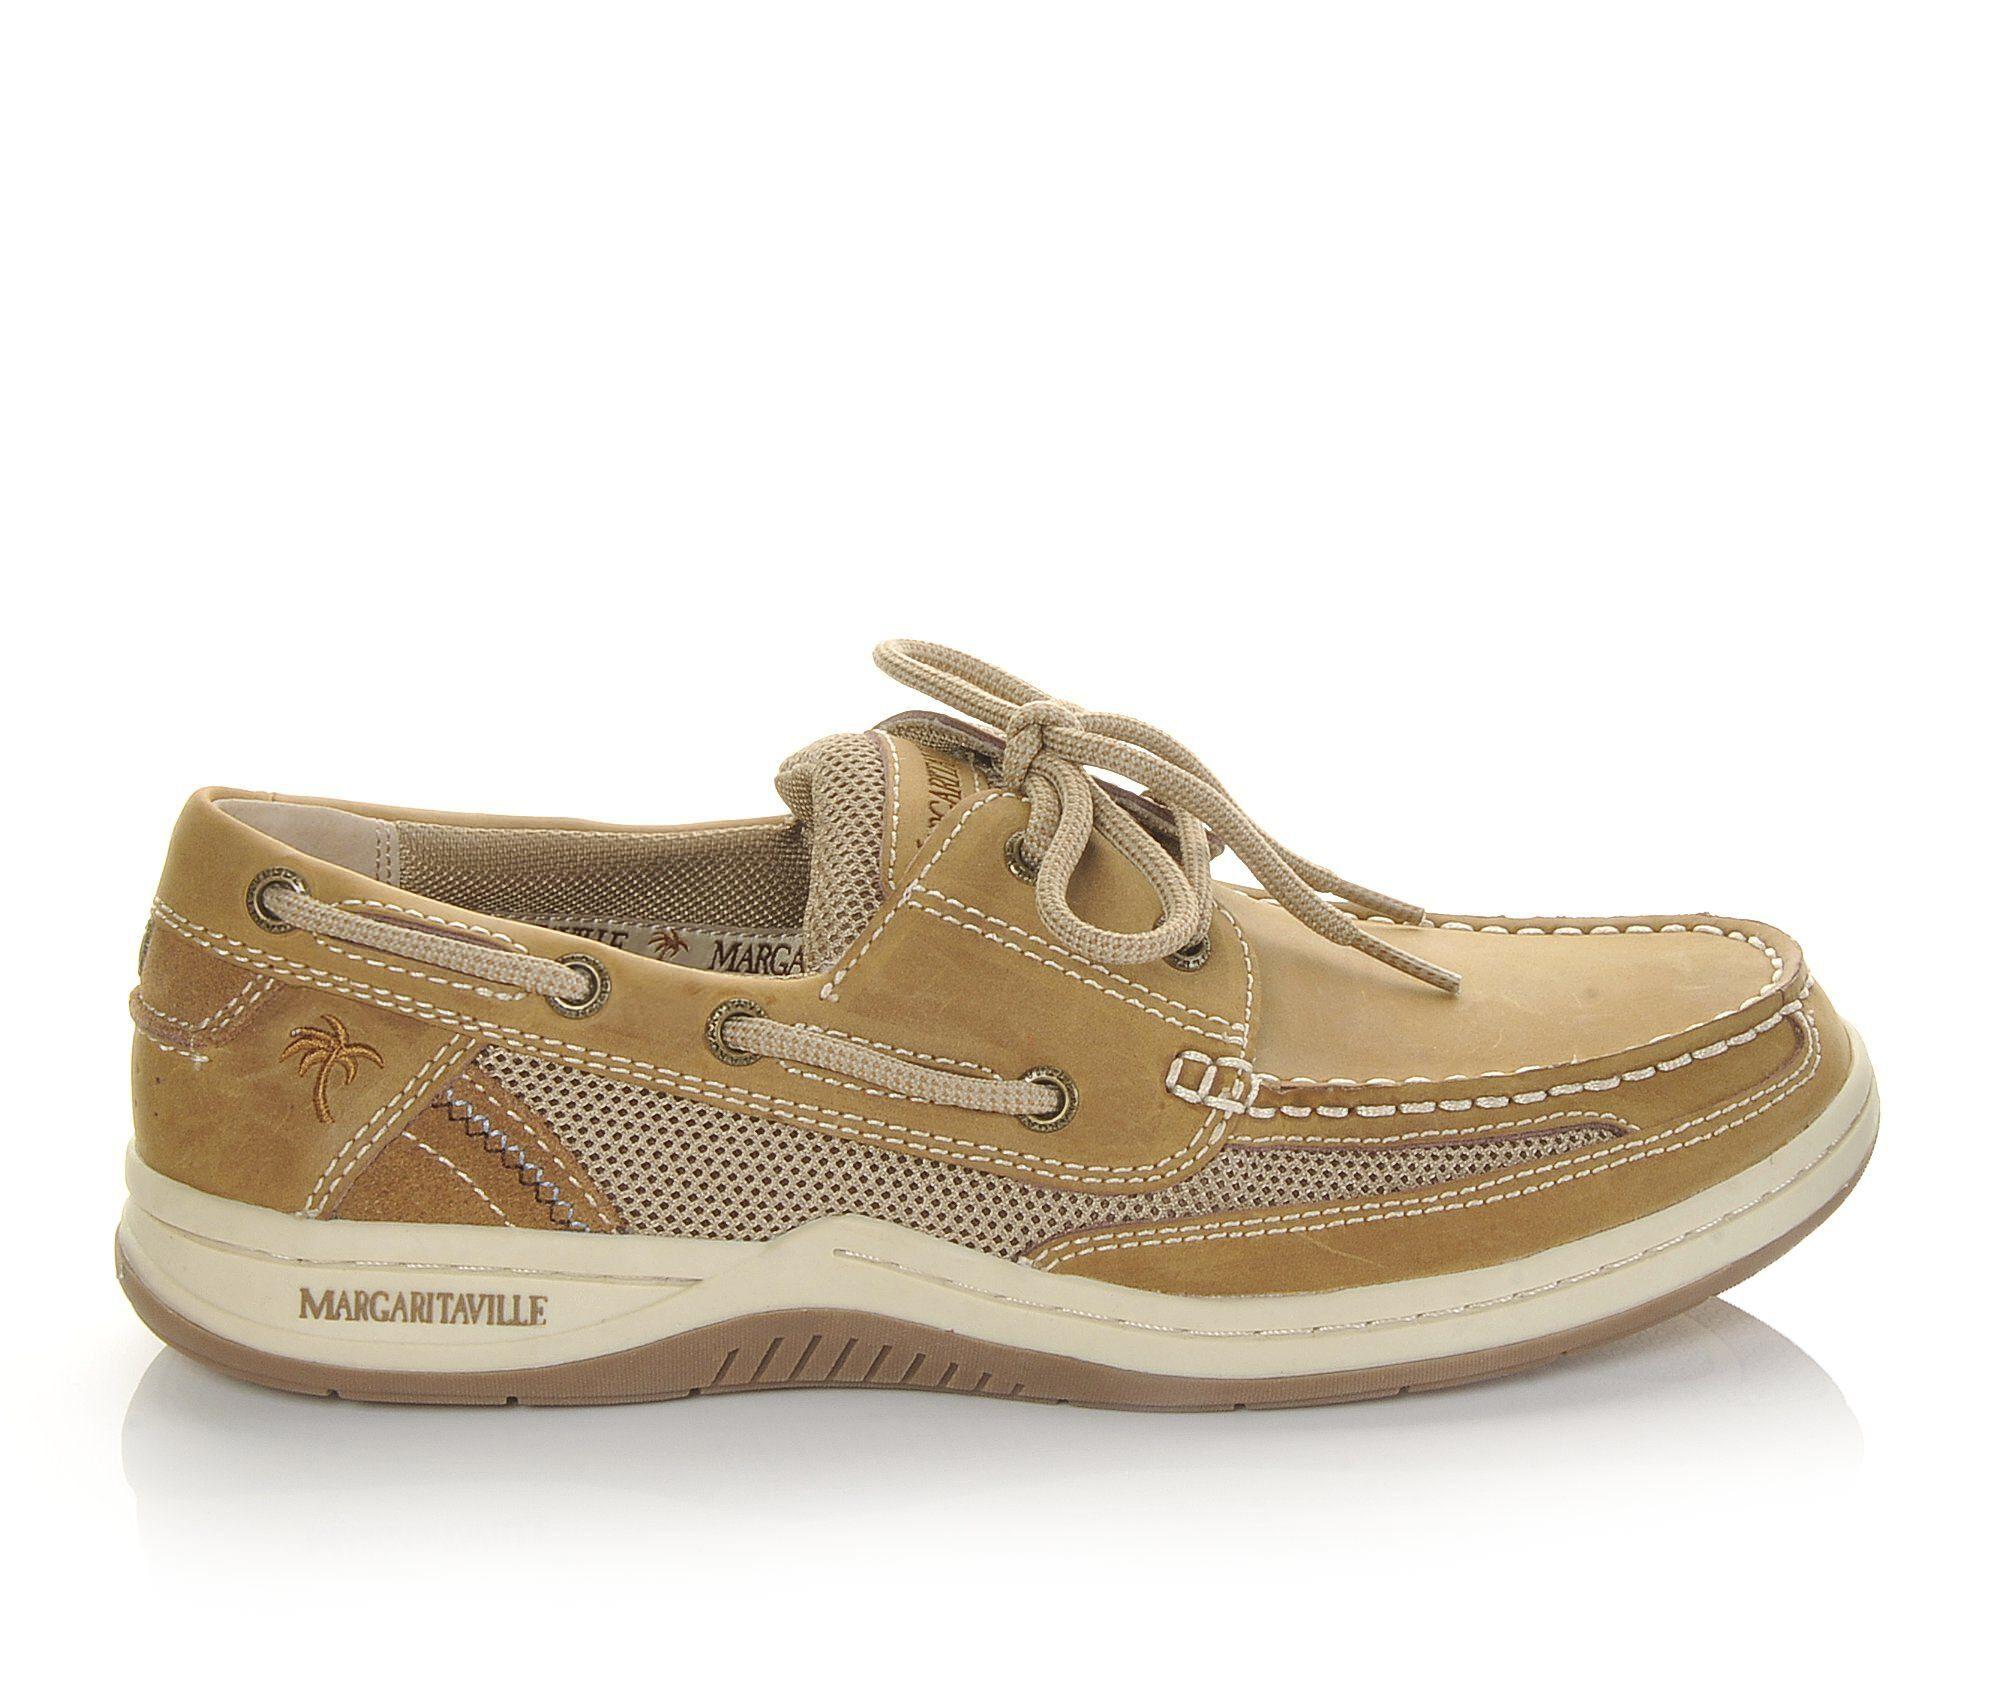 Men's Margaritaville Anchor 2 Eye Boat Shoes Light Tan